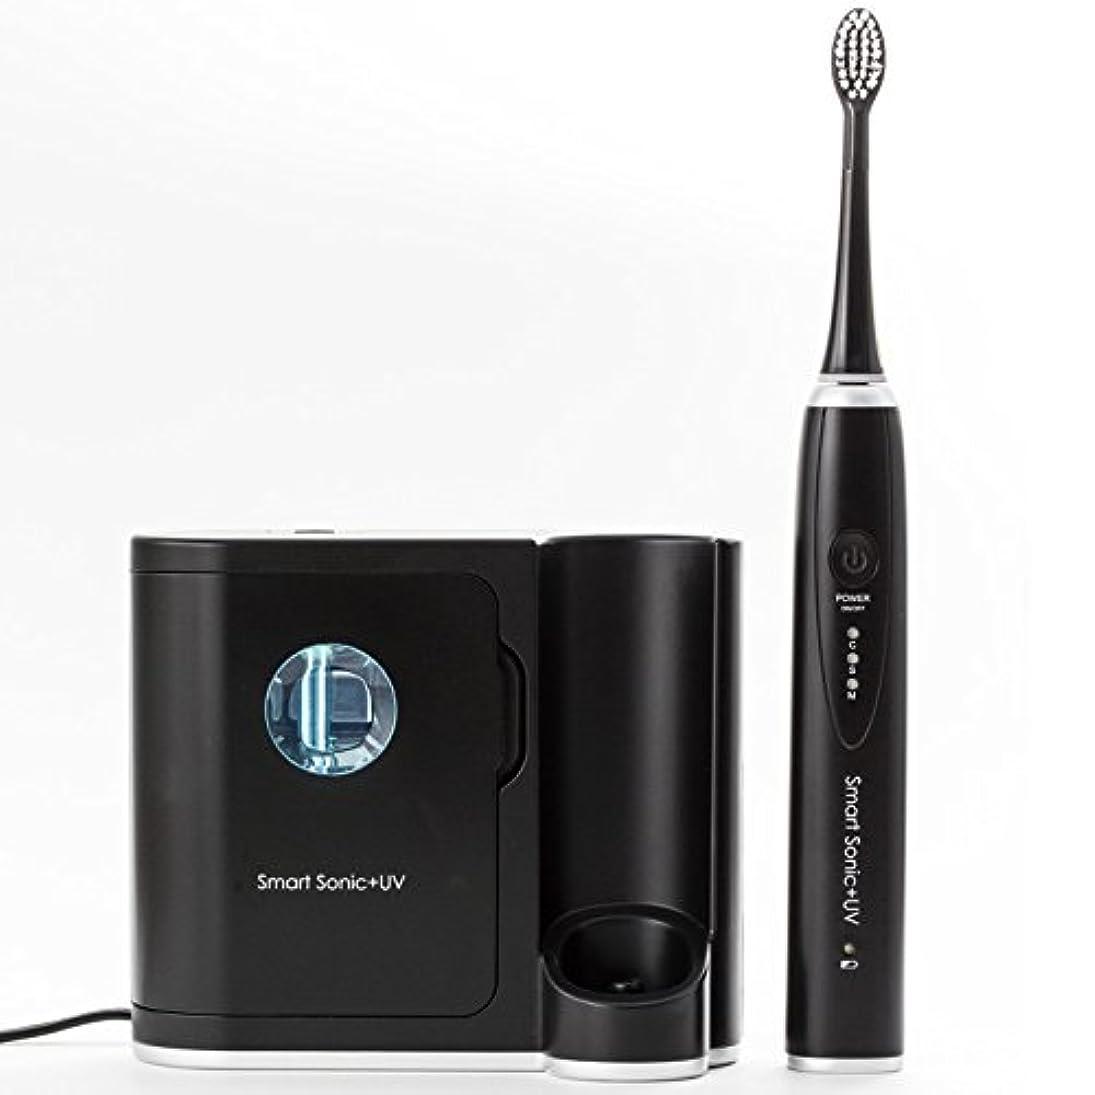 警告する代表してグレー音波歯ブラシ UV 紫外線除菌 歯ブラシ 殺菌機能付き 電動歯ブラシ スマートソニック プラス UV Smart Sonic UV